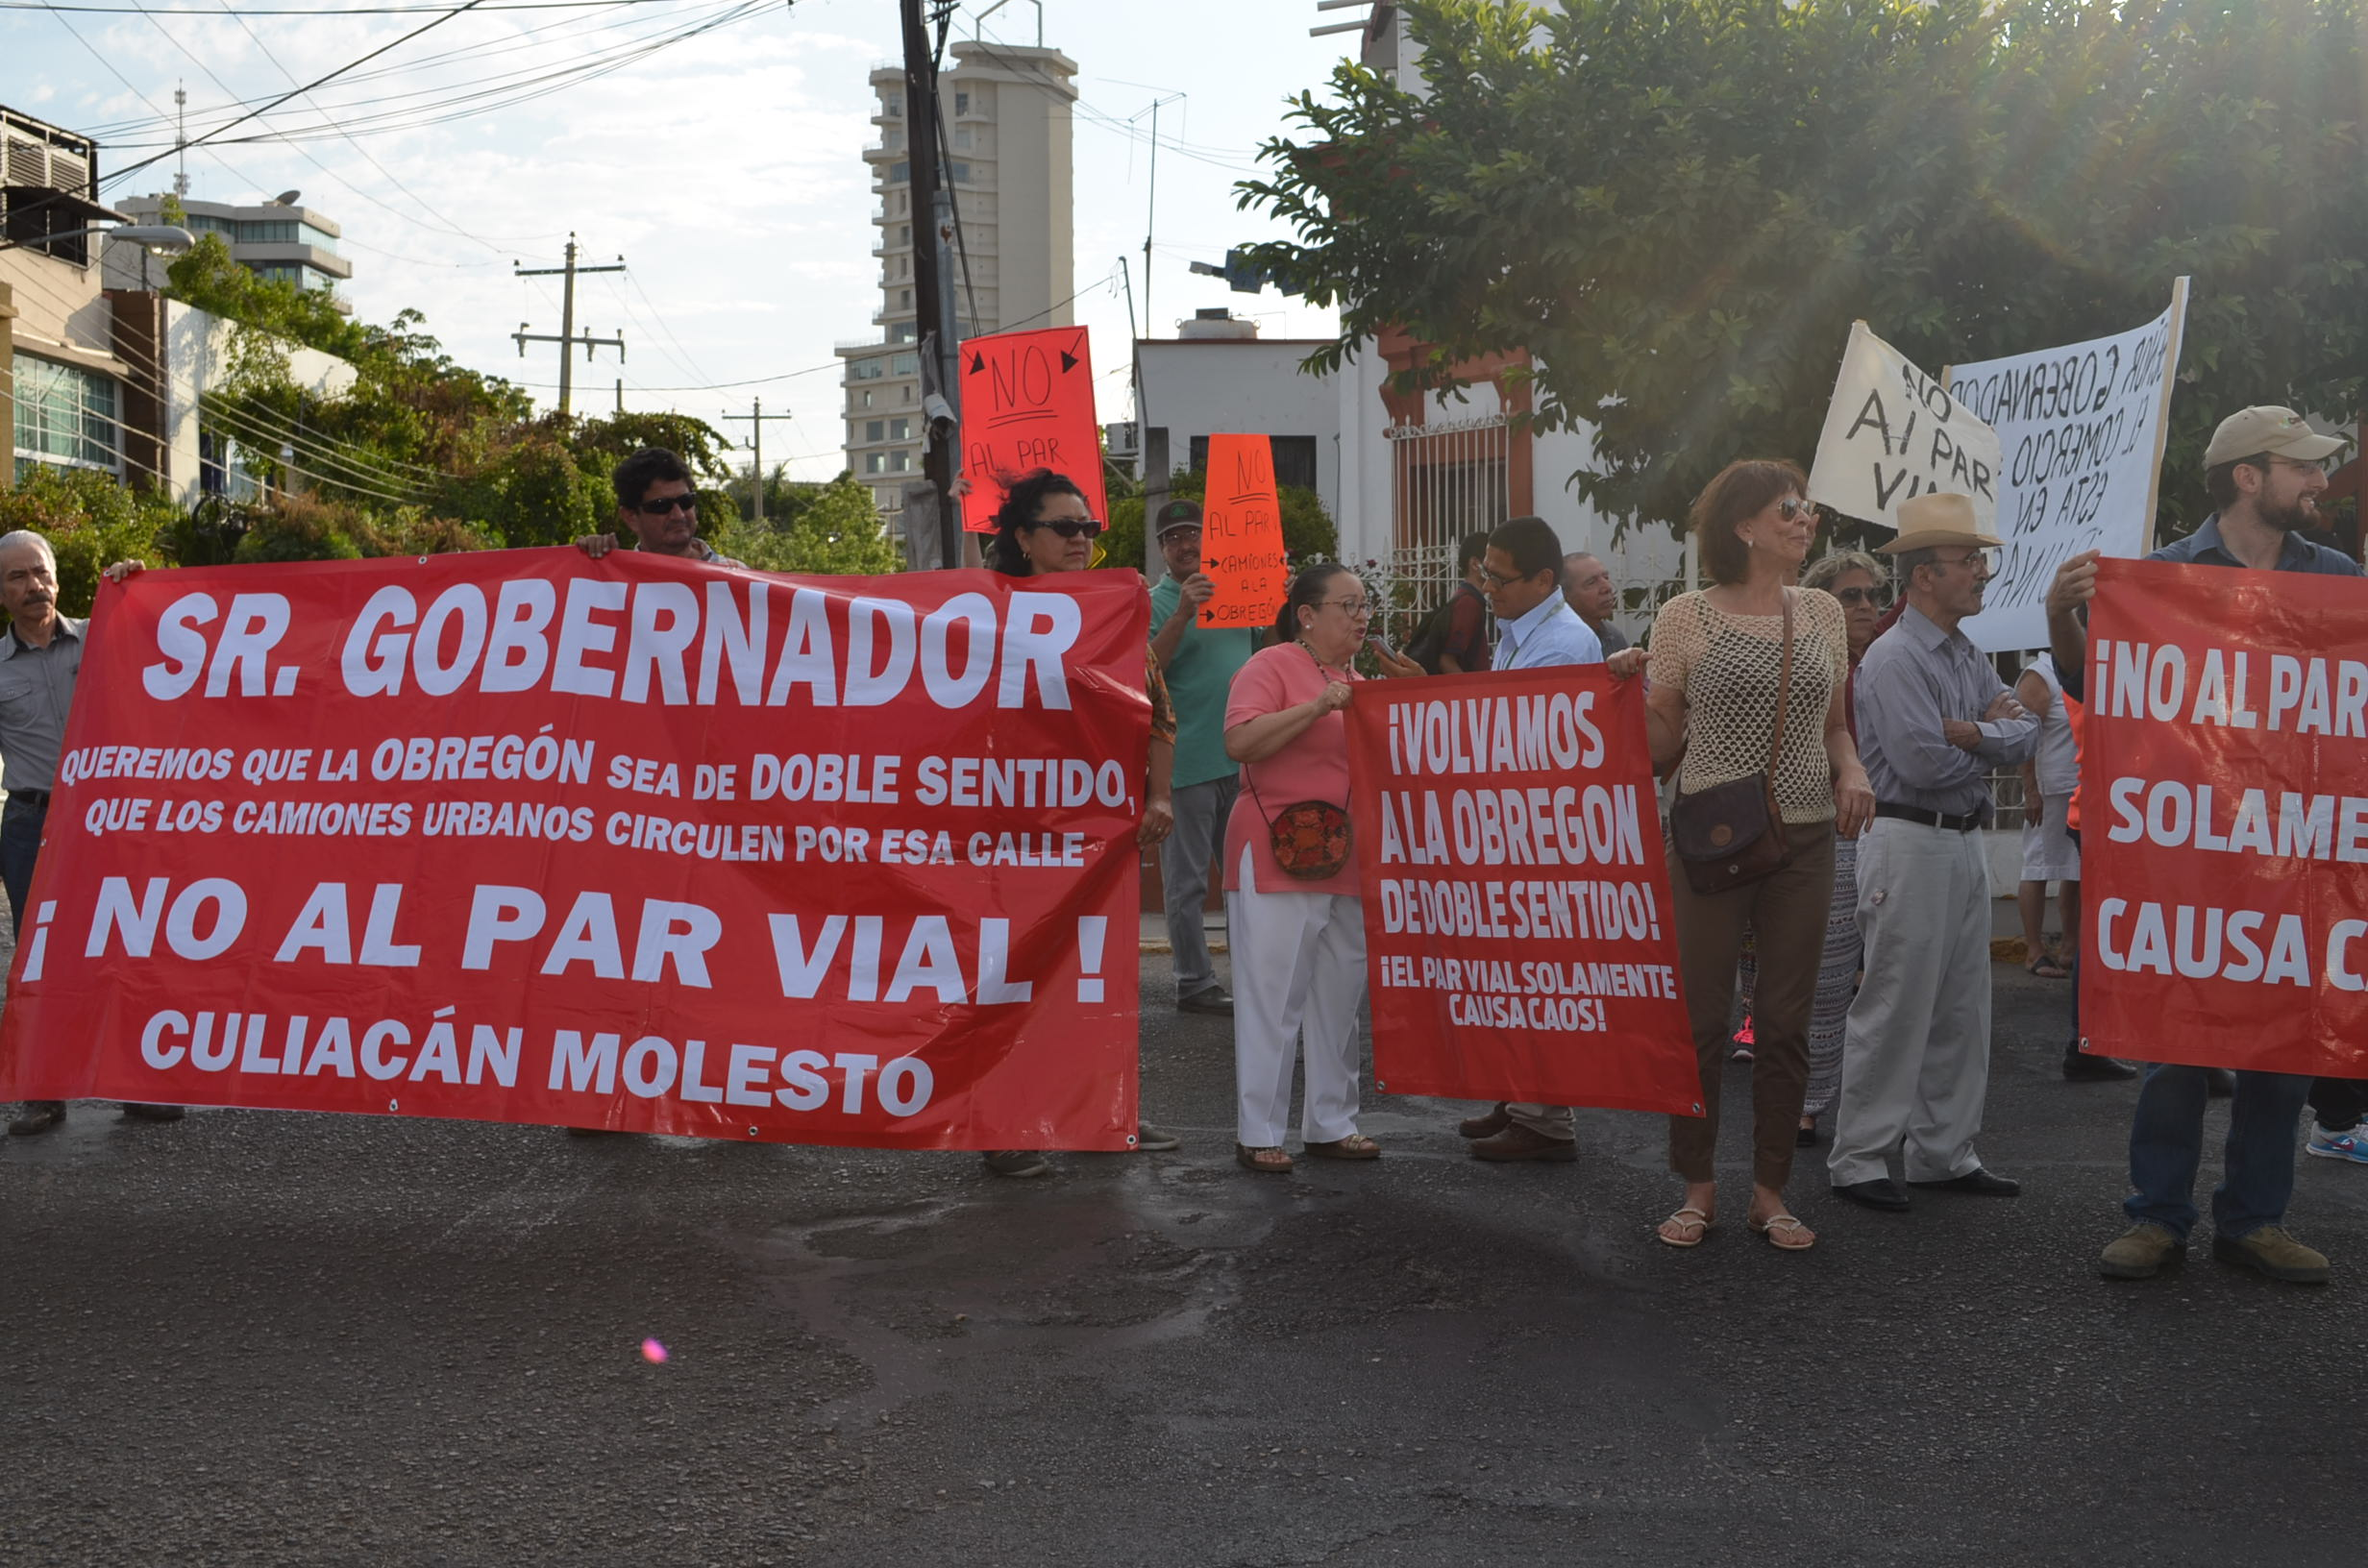 """Protestan miembros del colectivo """"No al par vial"""" y habitantes afectados por las nuevas rutas urbanas. Fotografía: Gabriela Sánchez"""